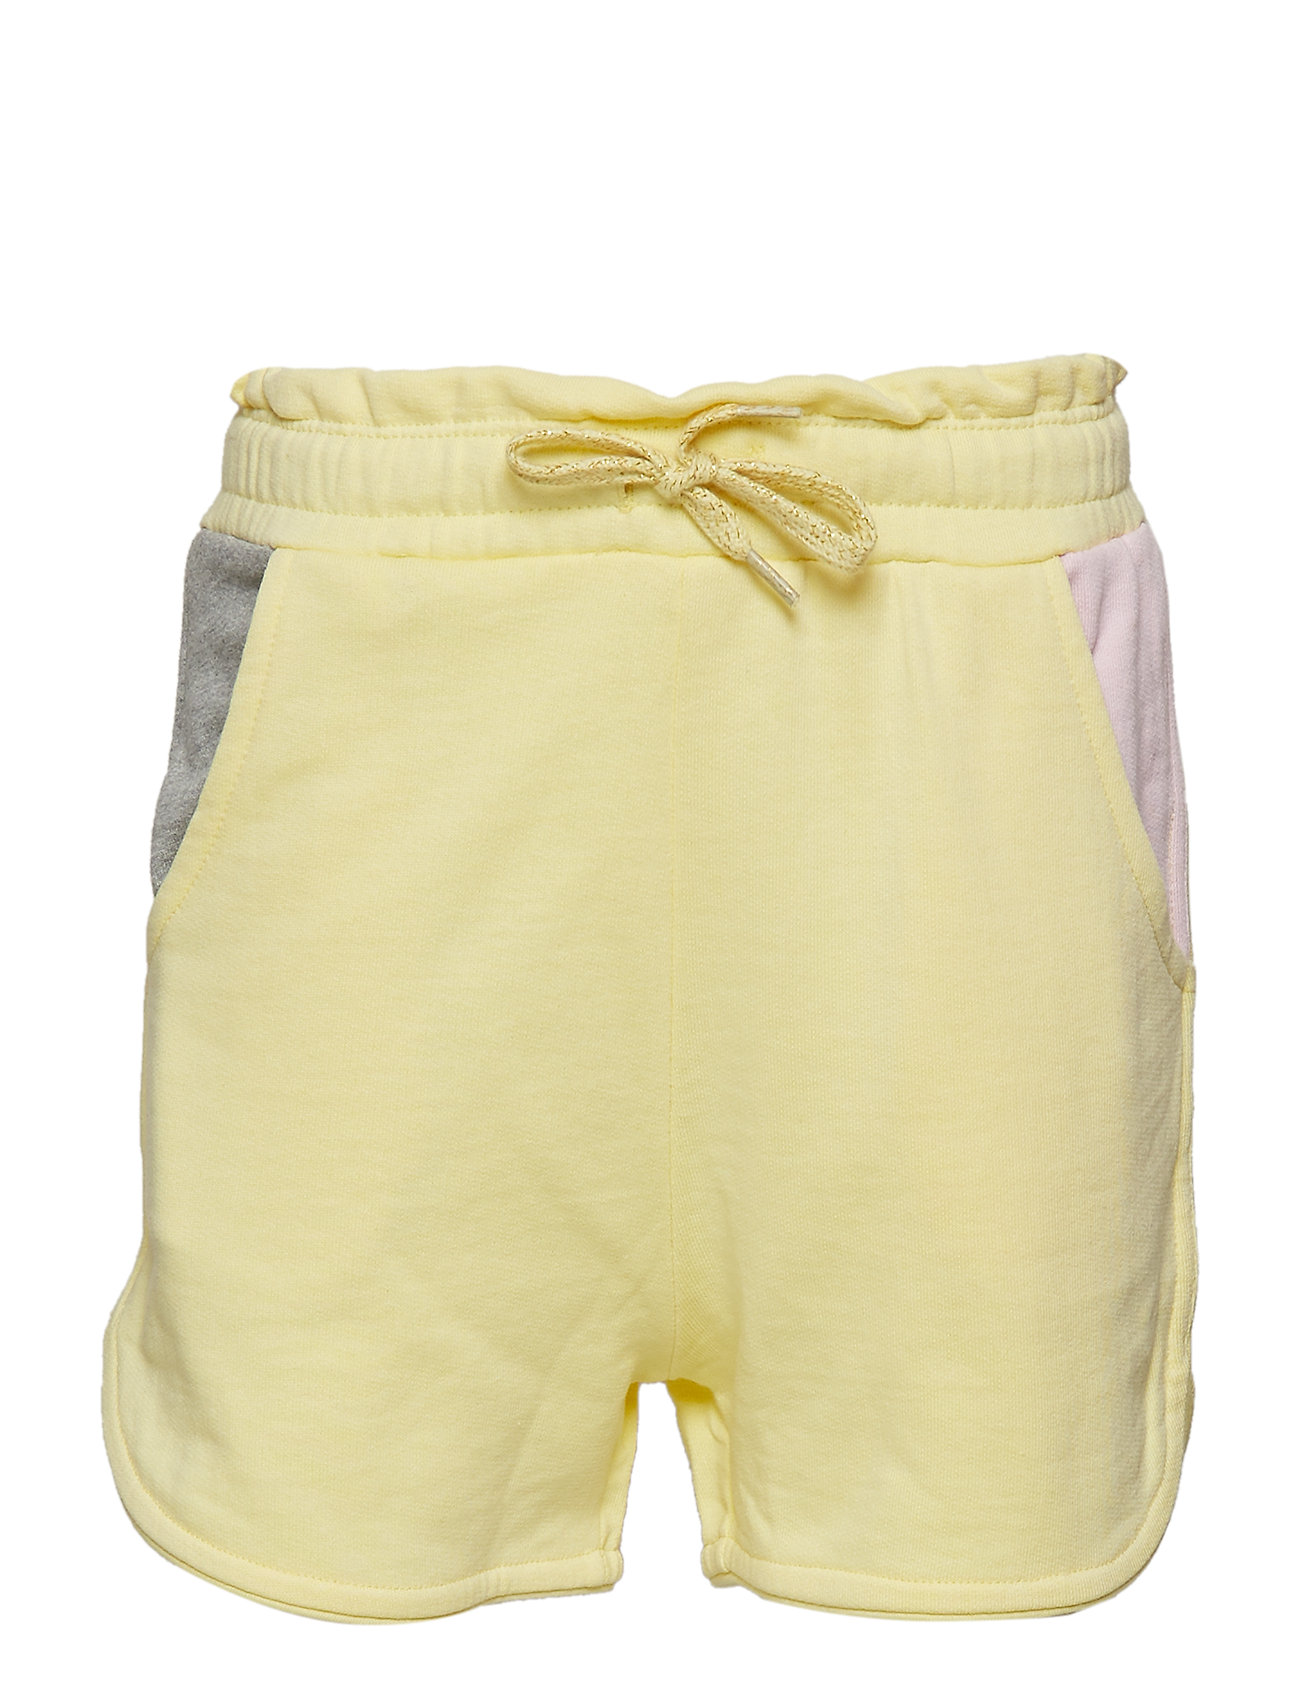 Soft Gallery Cera Shorts - FRENCH VANILLA